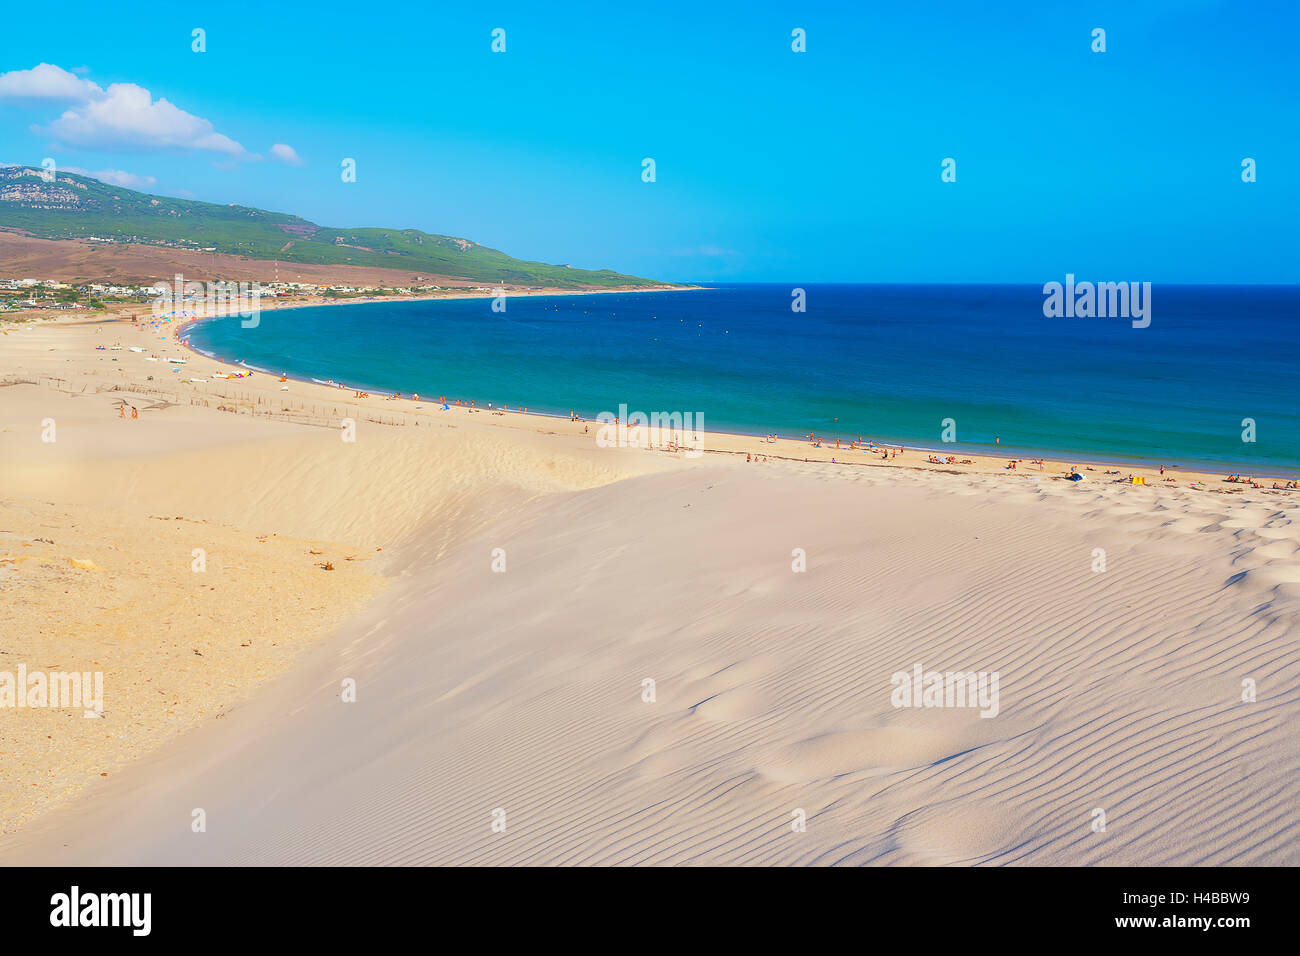 Bolonia beach and sand dune, Bolonia, Cadiz Province, Costa de la Luz, Andalusia, Spain Stock Photo